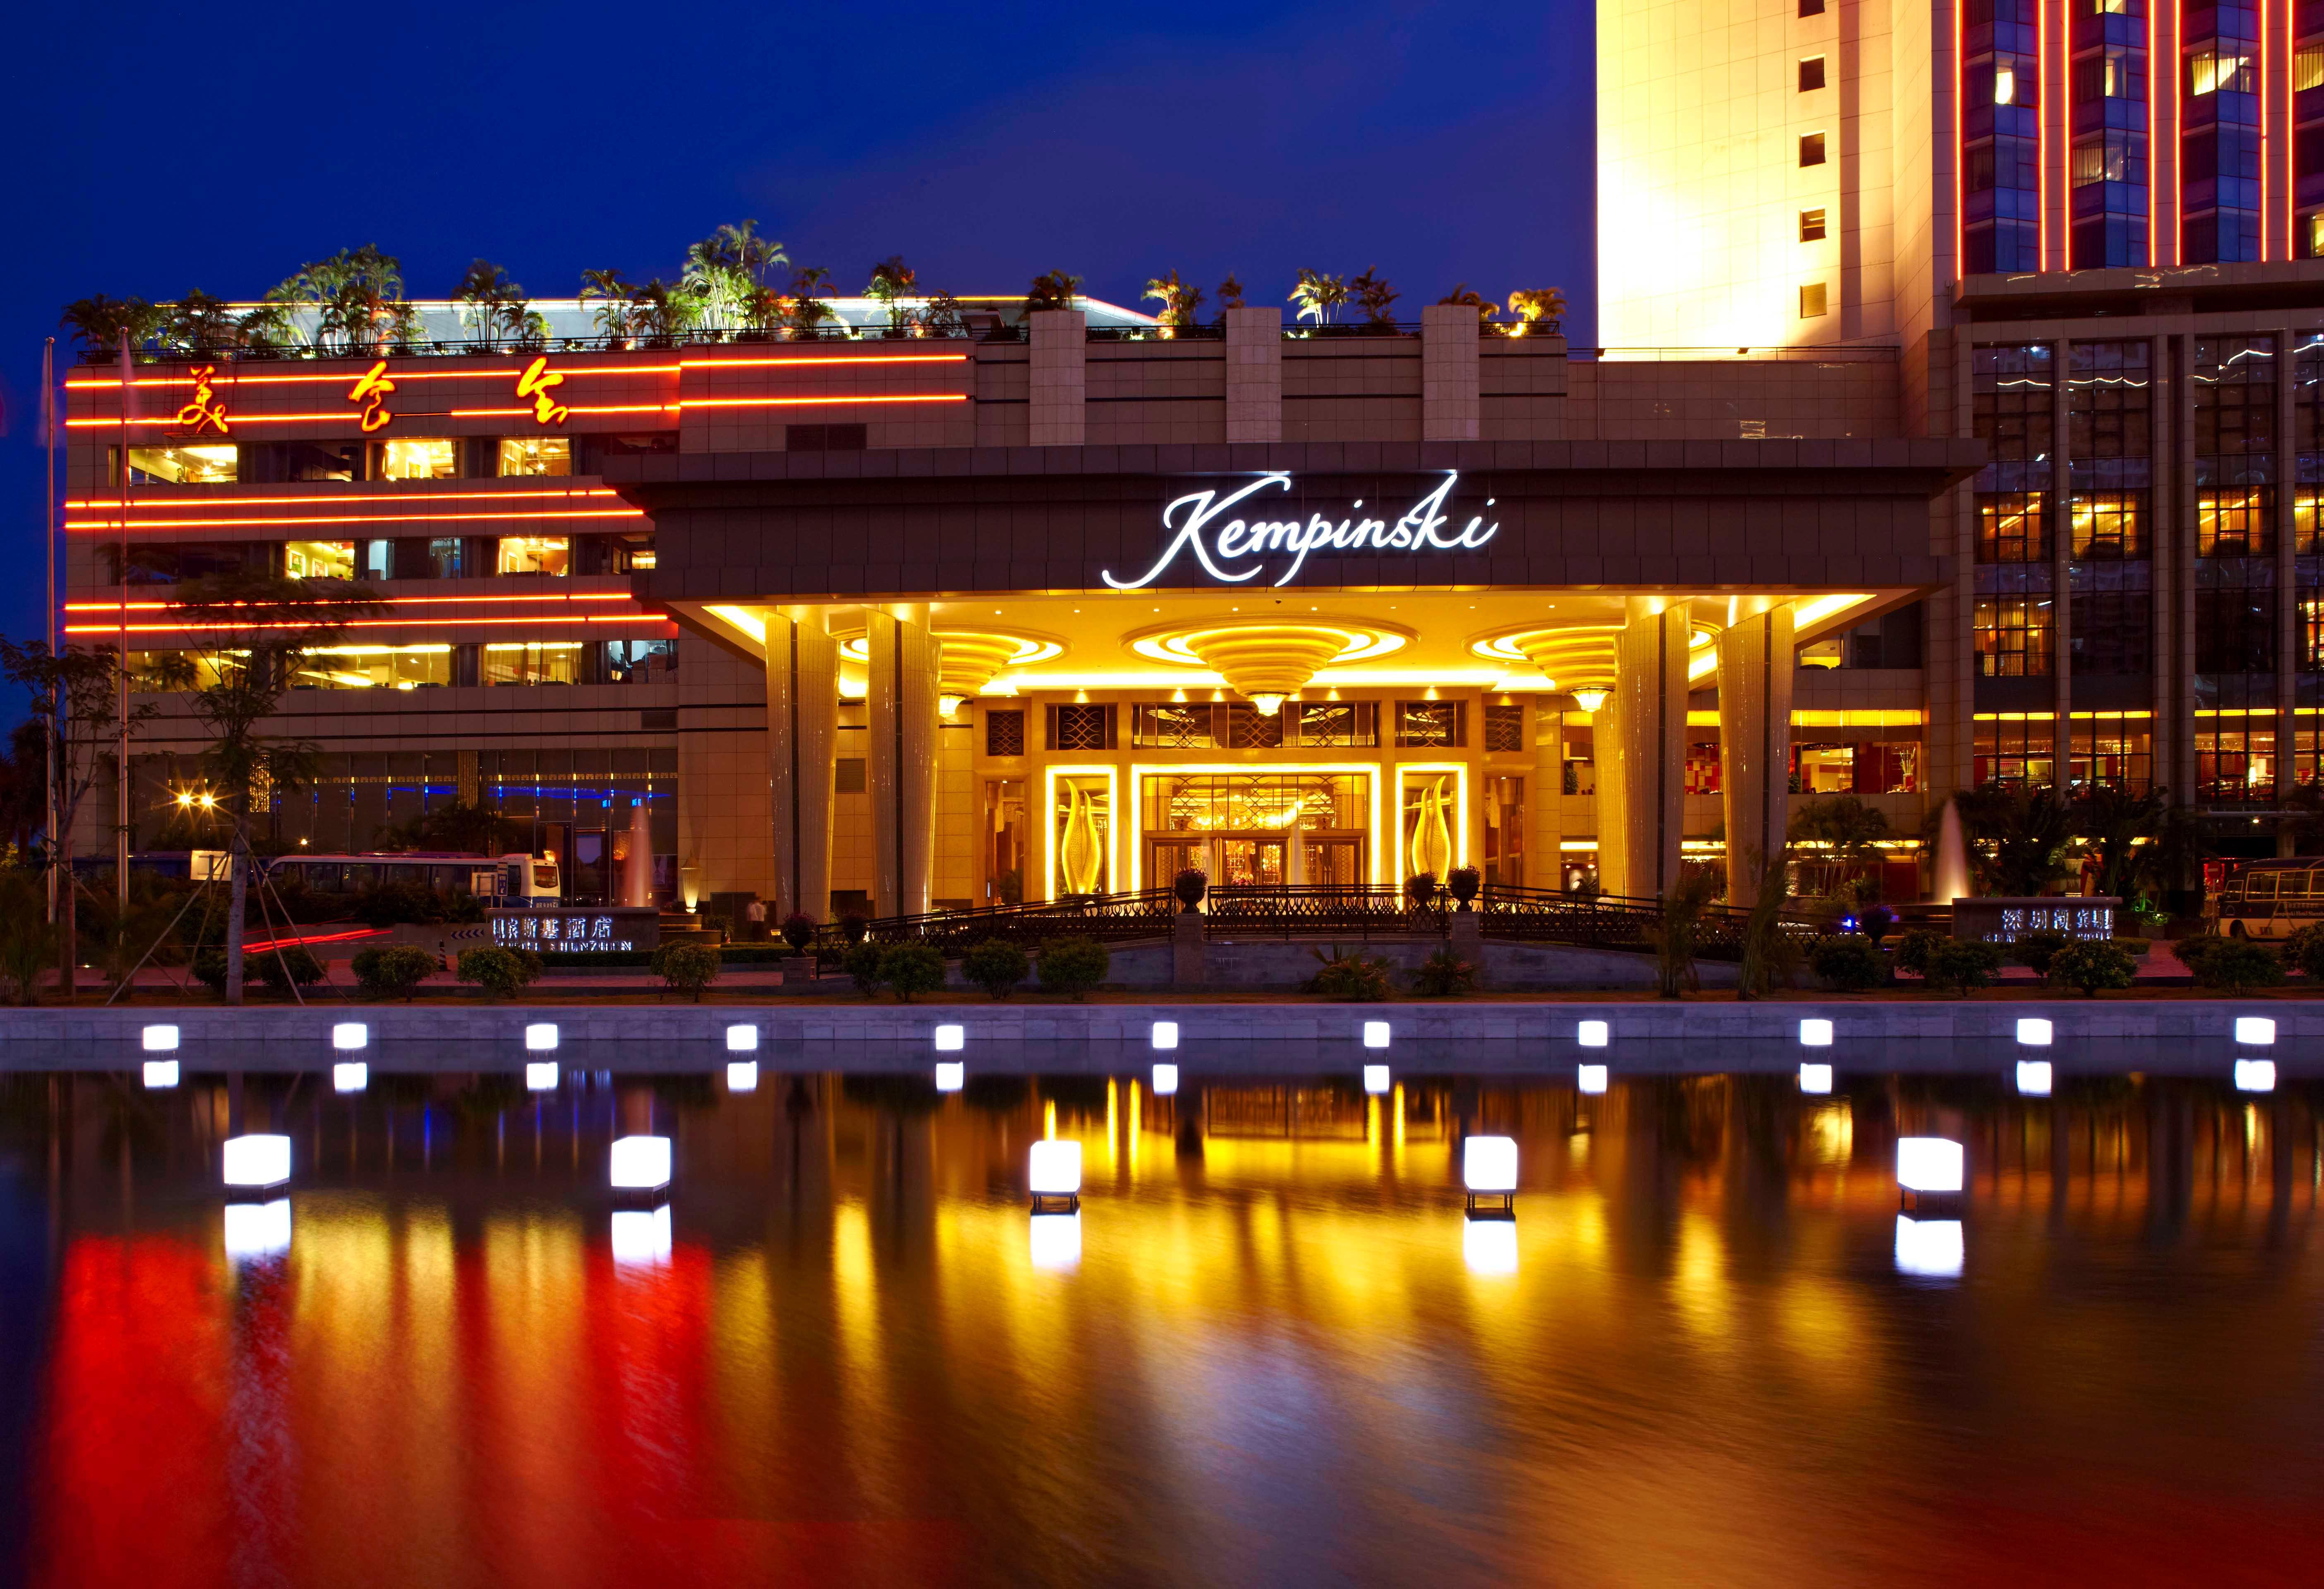 Kempinski Hotel Shenzhen, Shenzhen